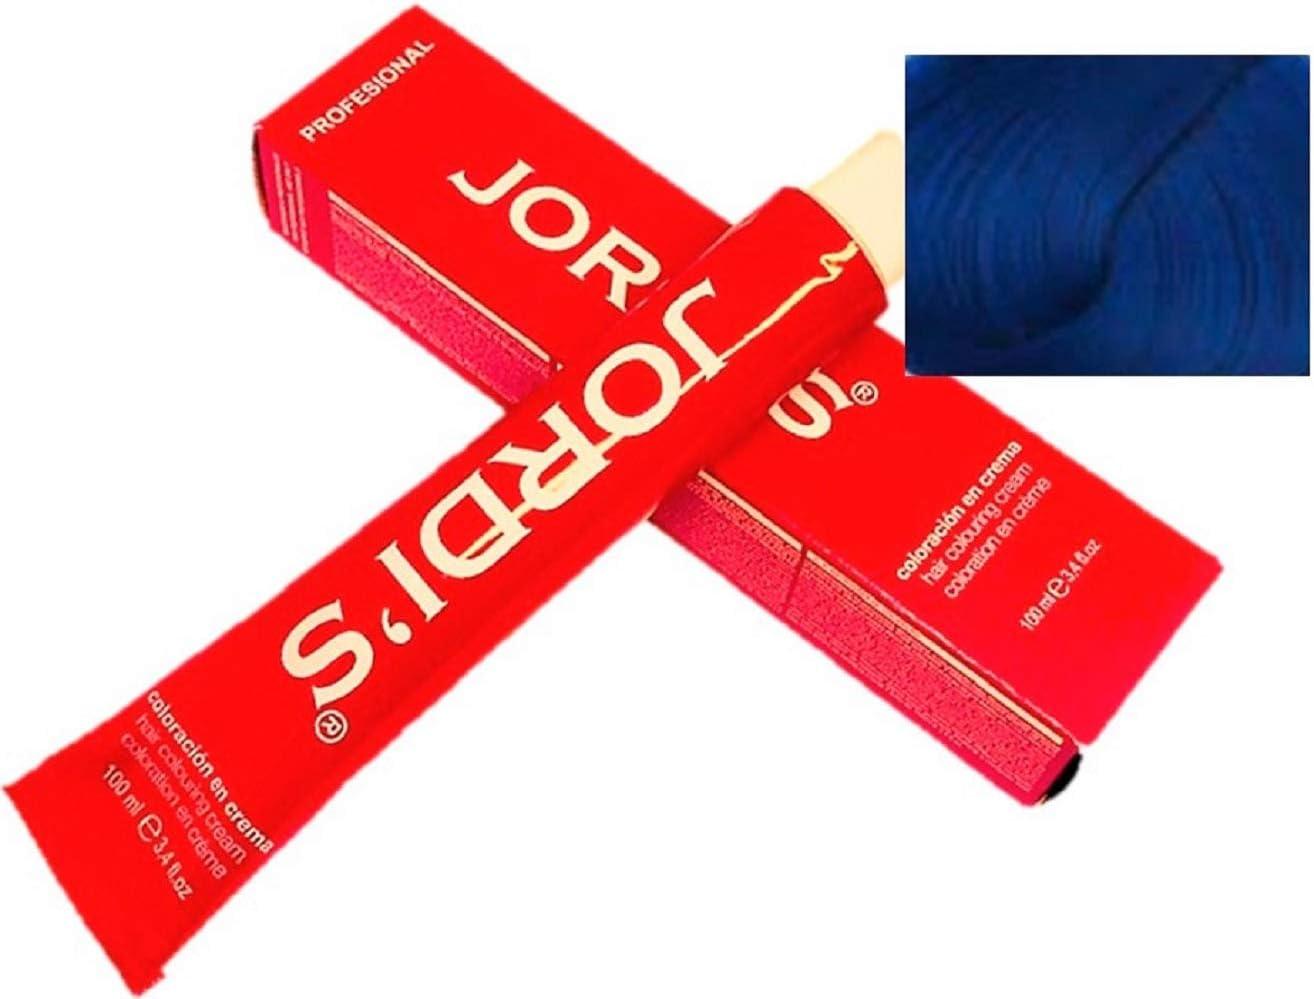 Matizador de mechas Profesionales color intenso y brillante - M6 - AZUL - Coloración en crema 100ml.